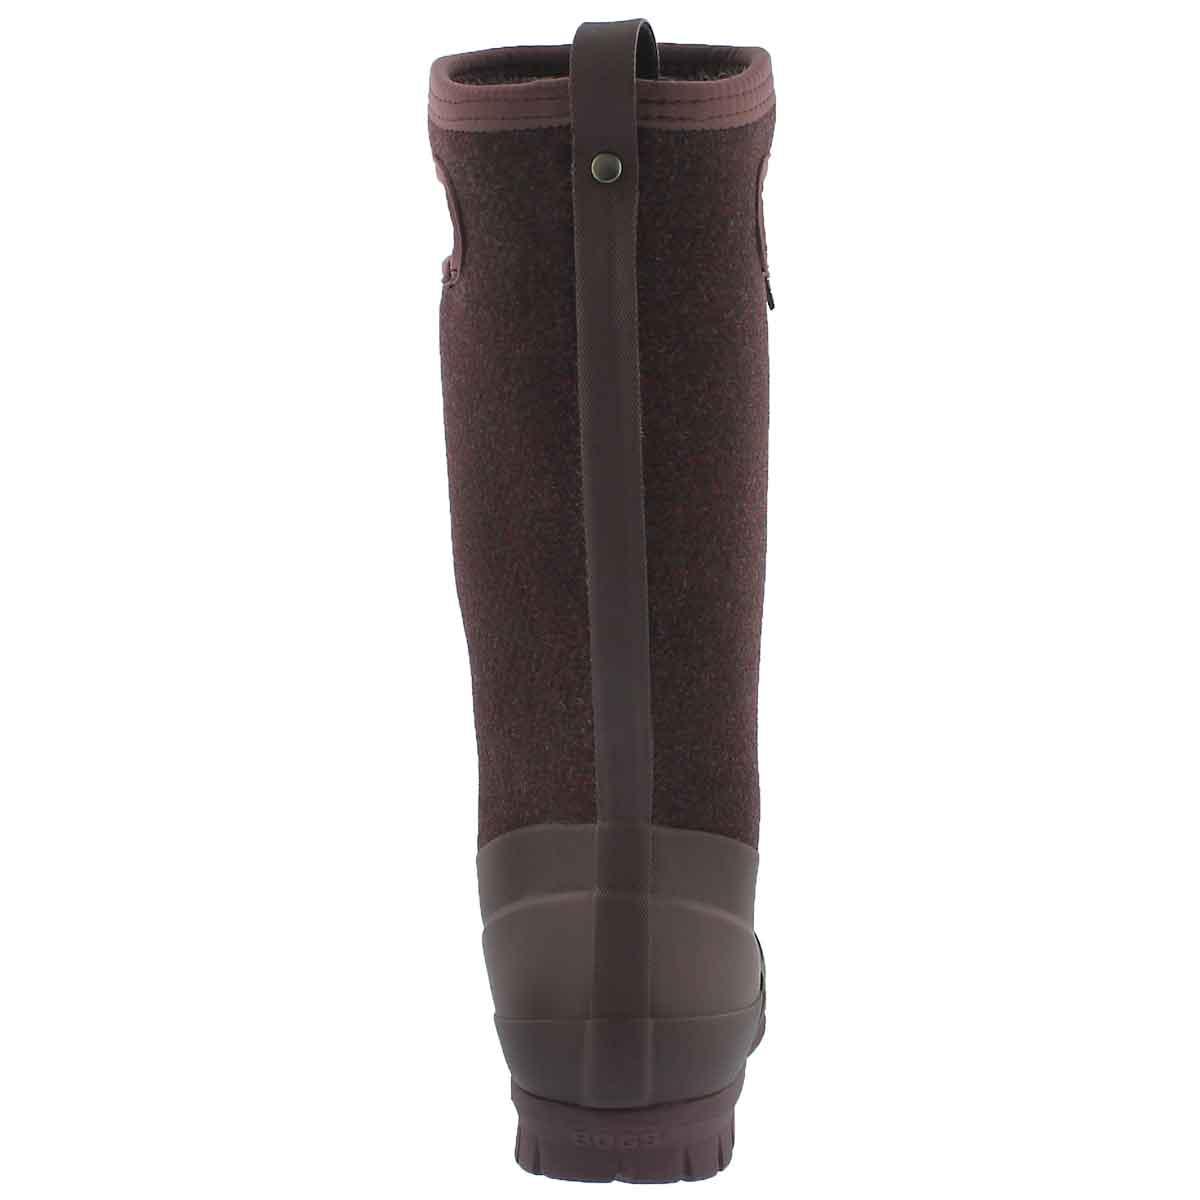 Lds Crandall Tall Wool plum wtpf boot